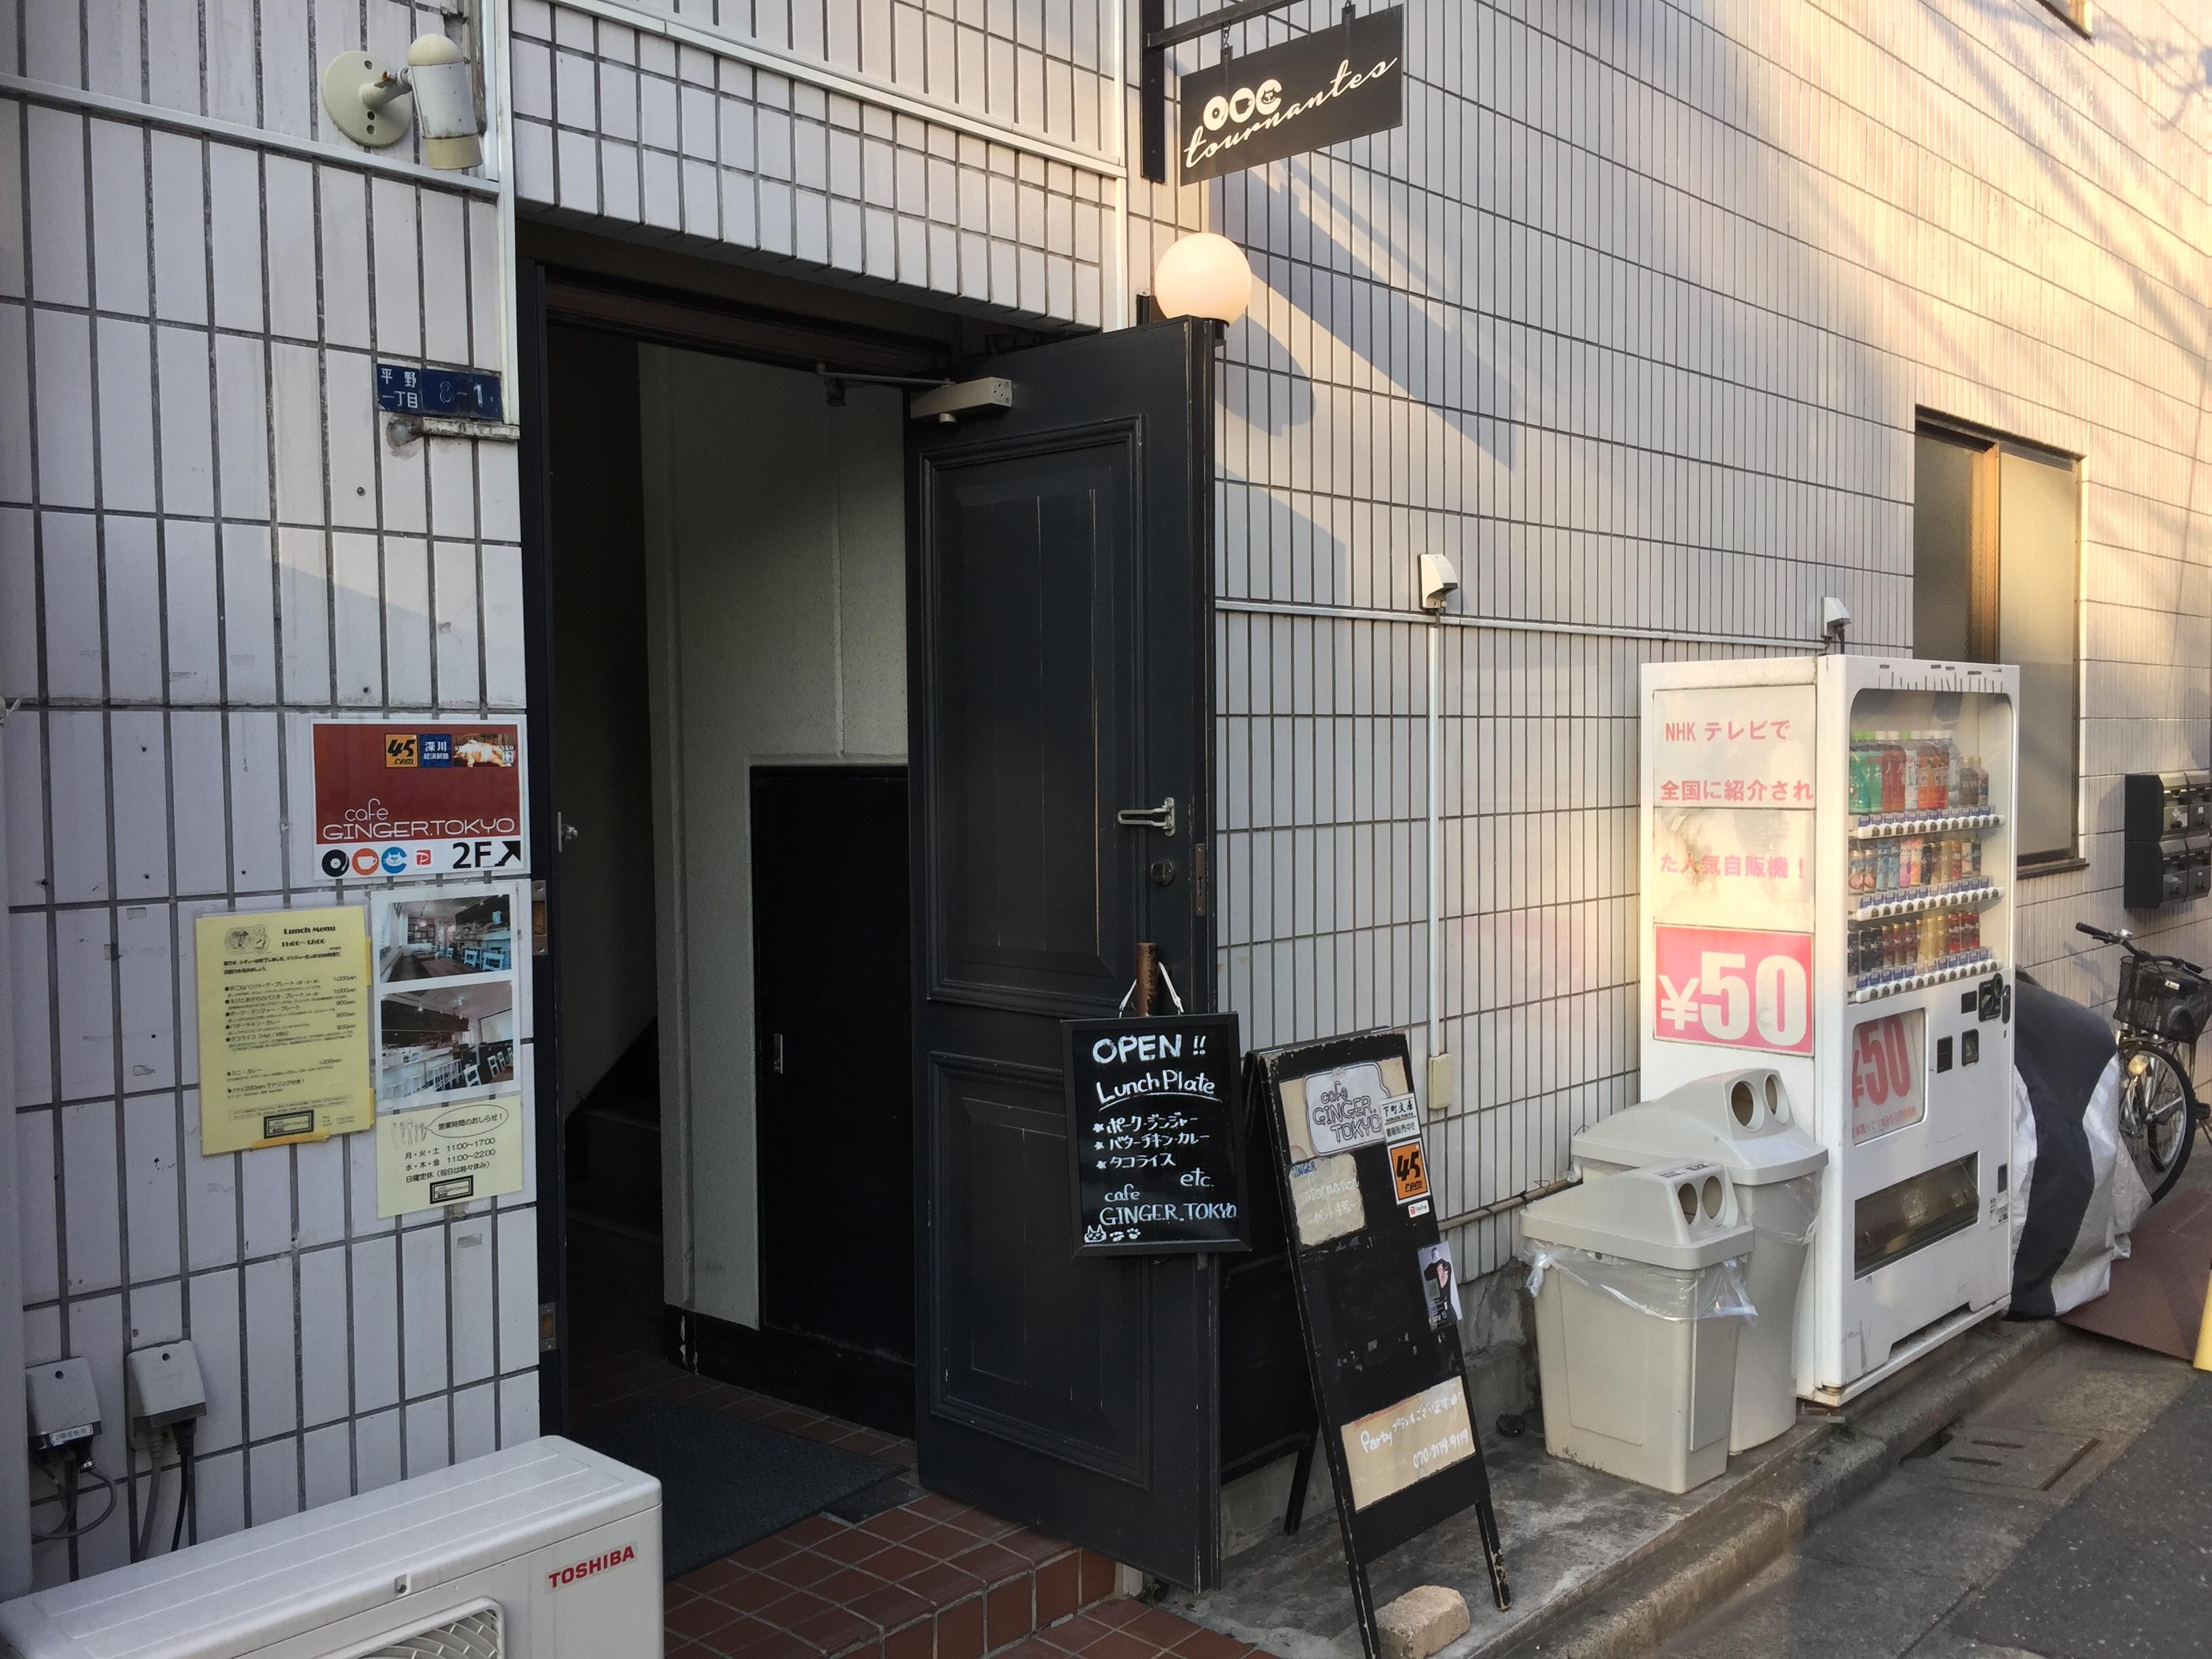 清澄白河駅A3出口 電源カフェ cafe Ginger.tokyo(カフェ ジンジャードットトーキョー)